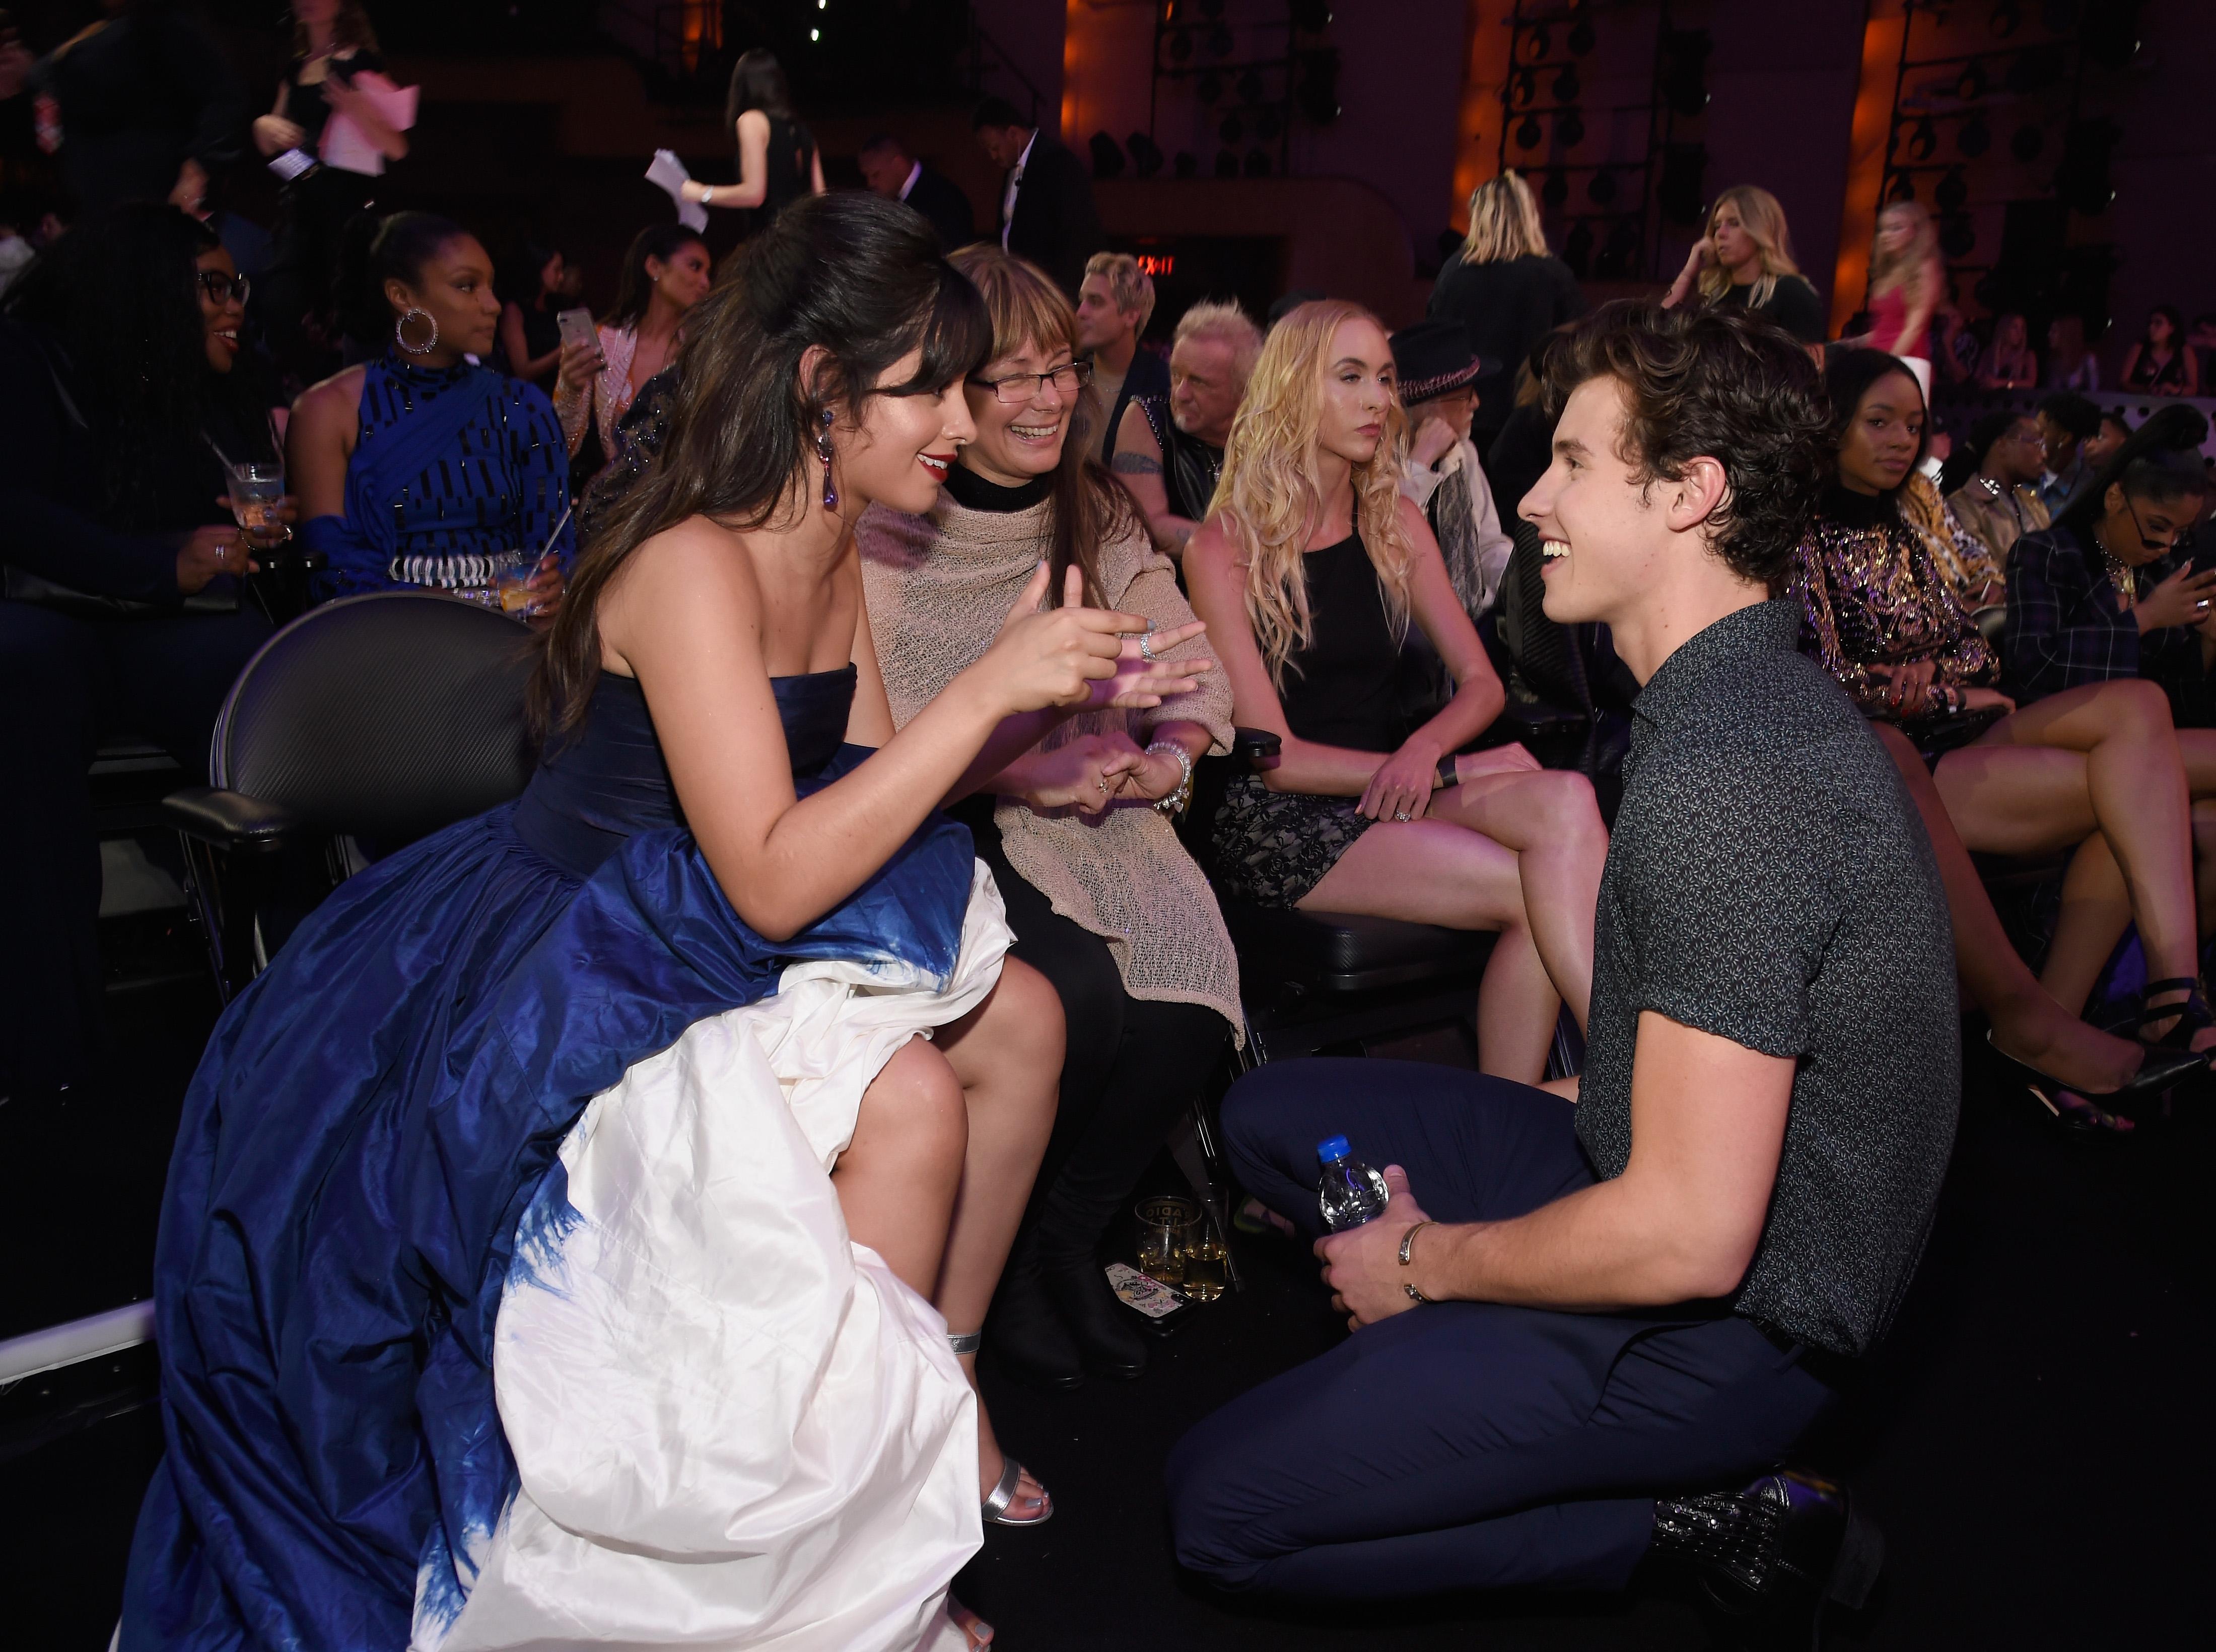 Camila dating Shawn